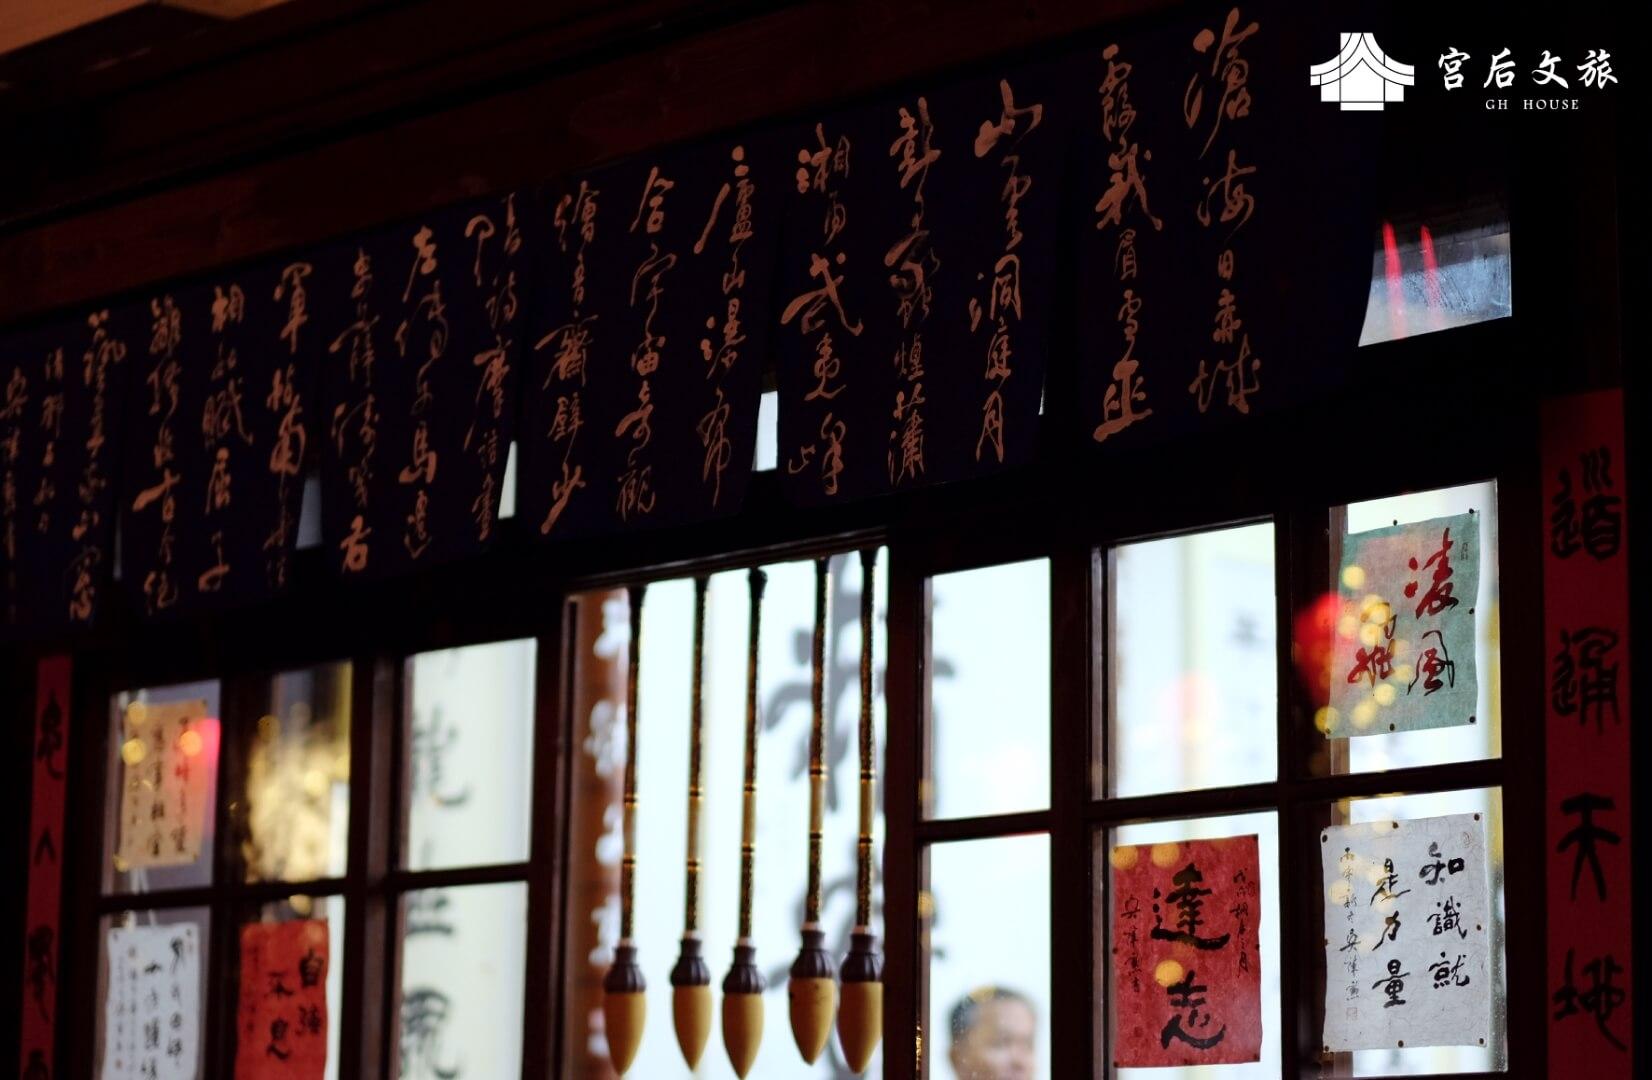 鹿港藝術村 相片來源:彰化鹿港‧宮后文旅